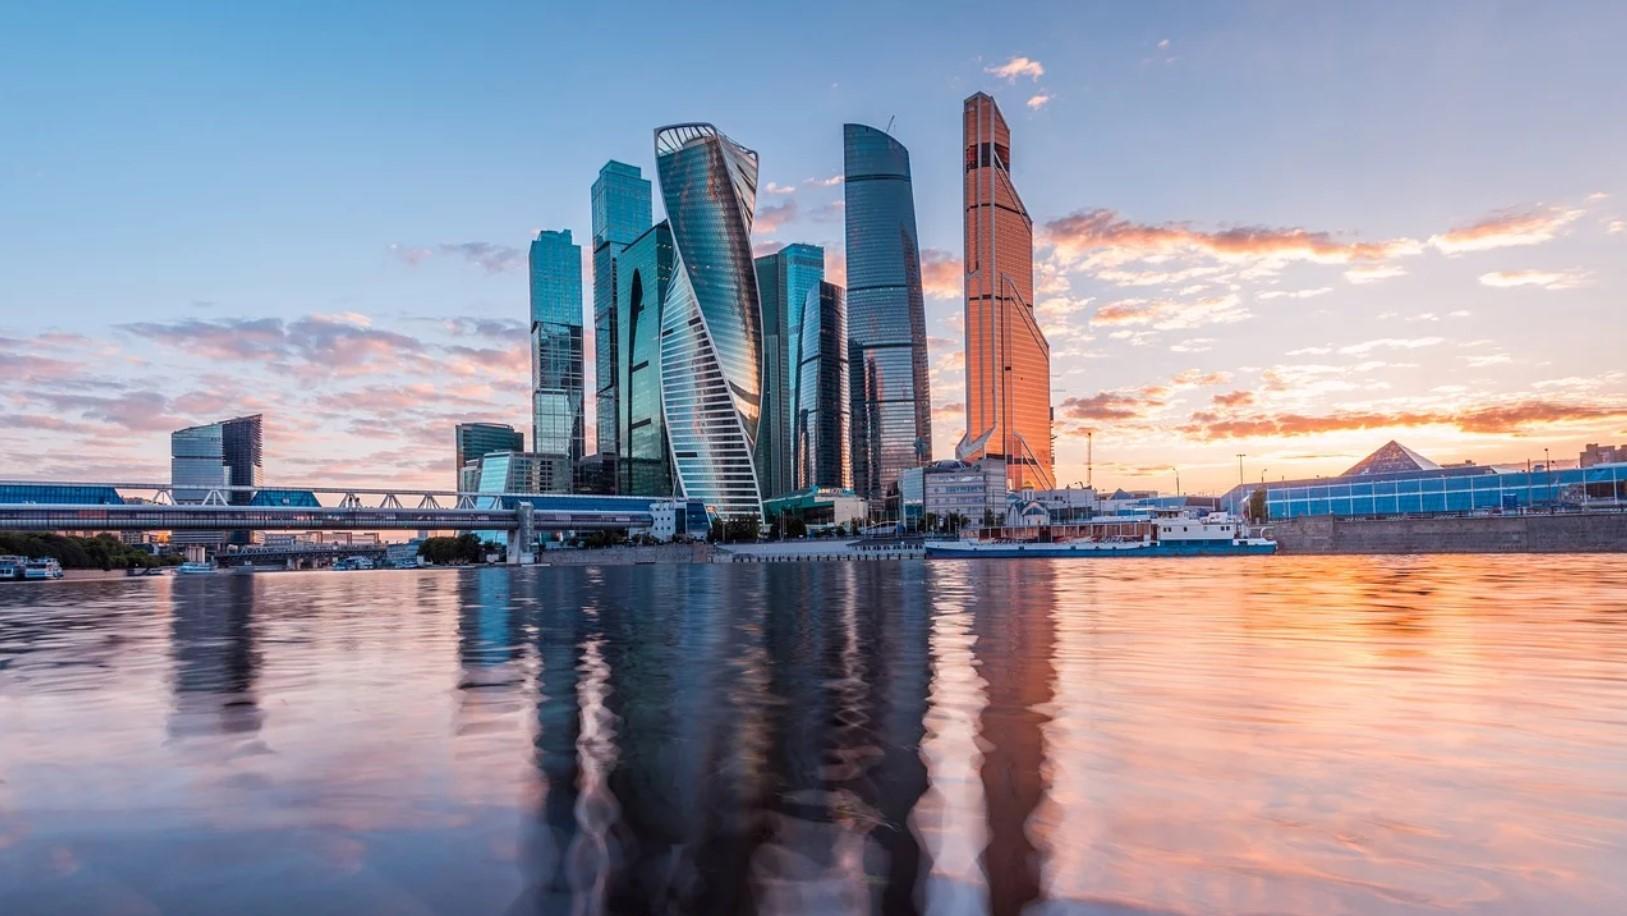 Nekretnine u Rusji oblakoderi